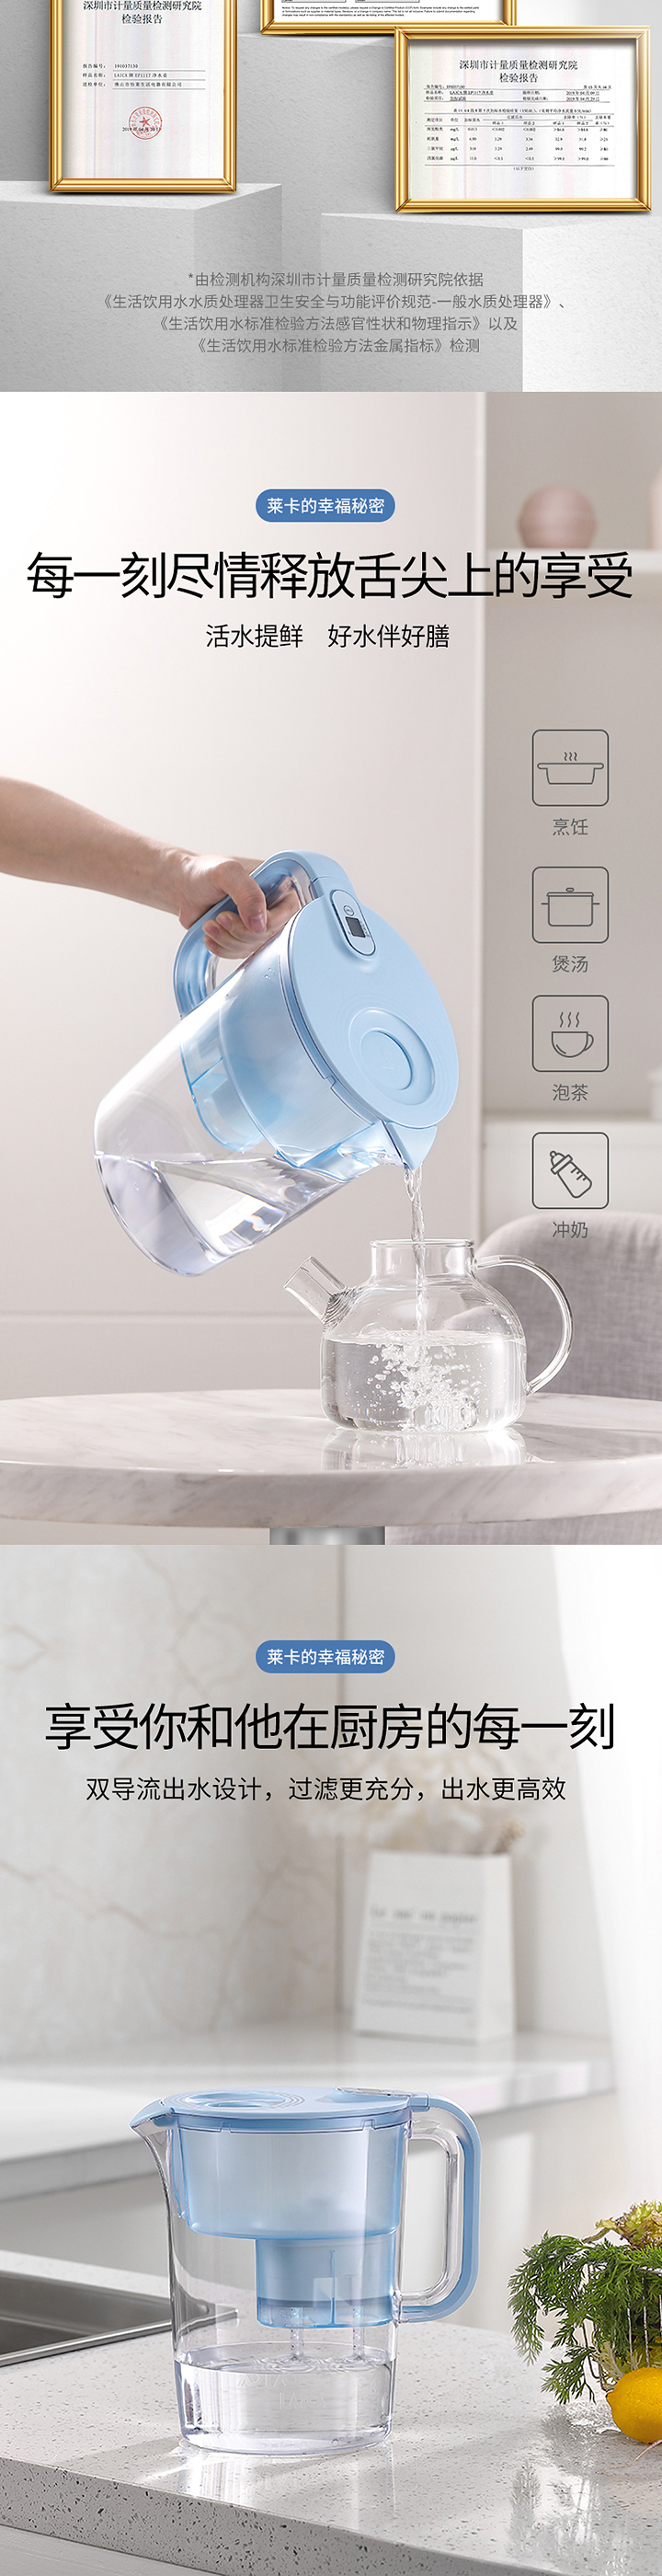 【轻体验】LAICA莱卡净水壶免费试用,评测